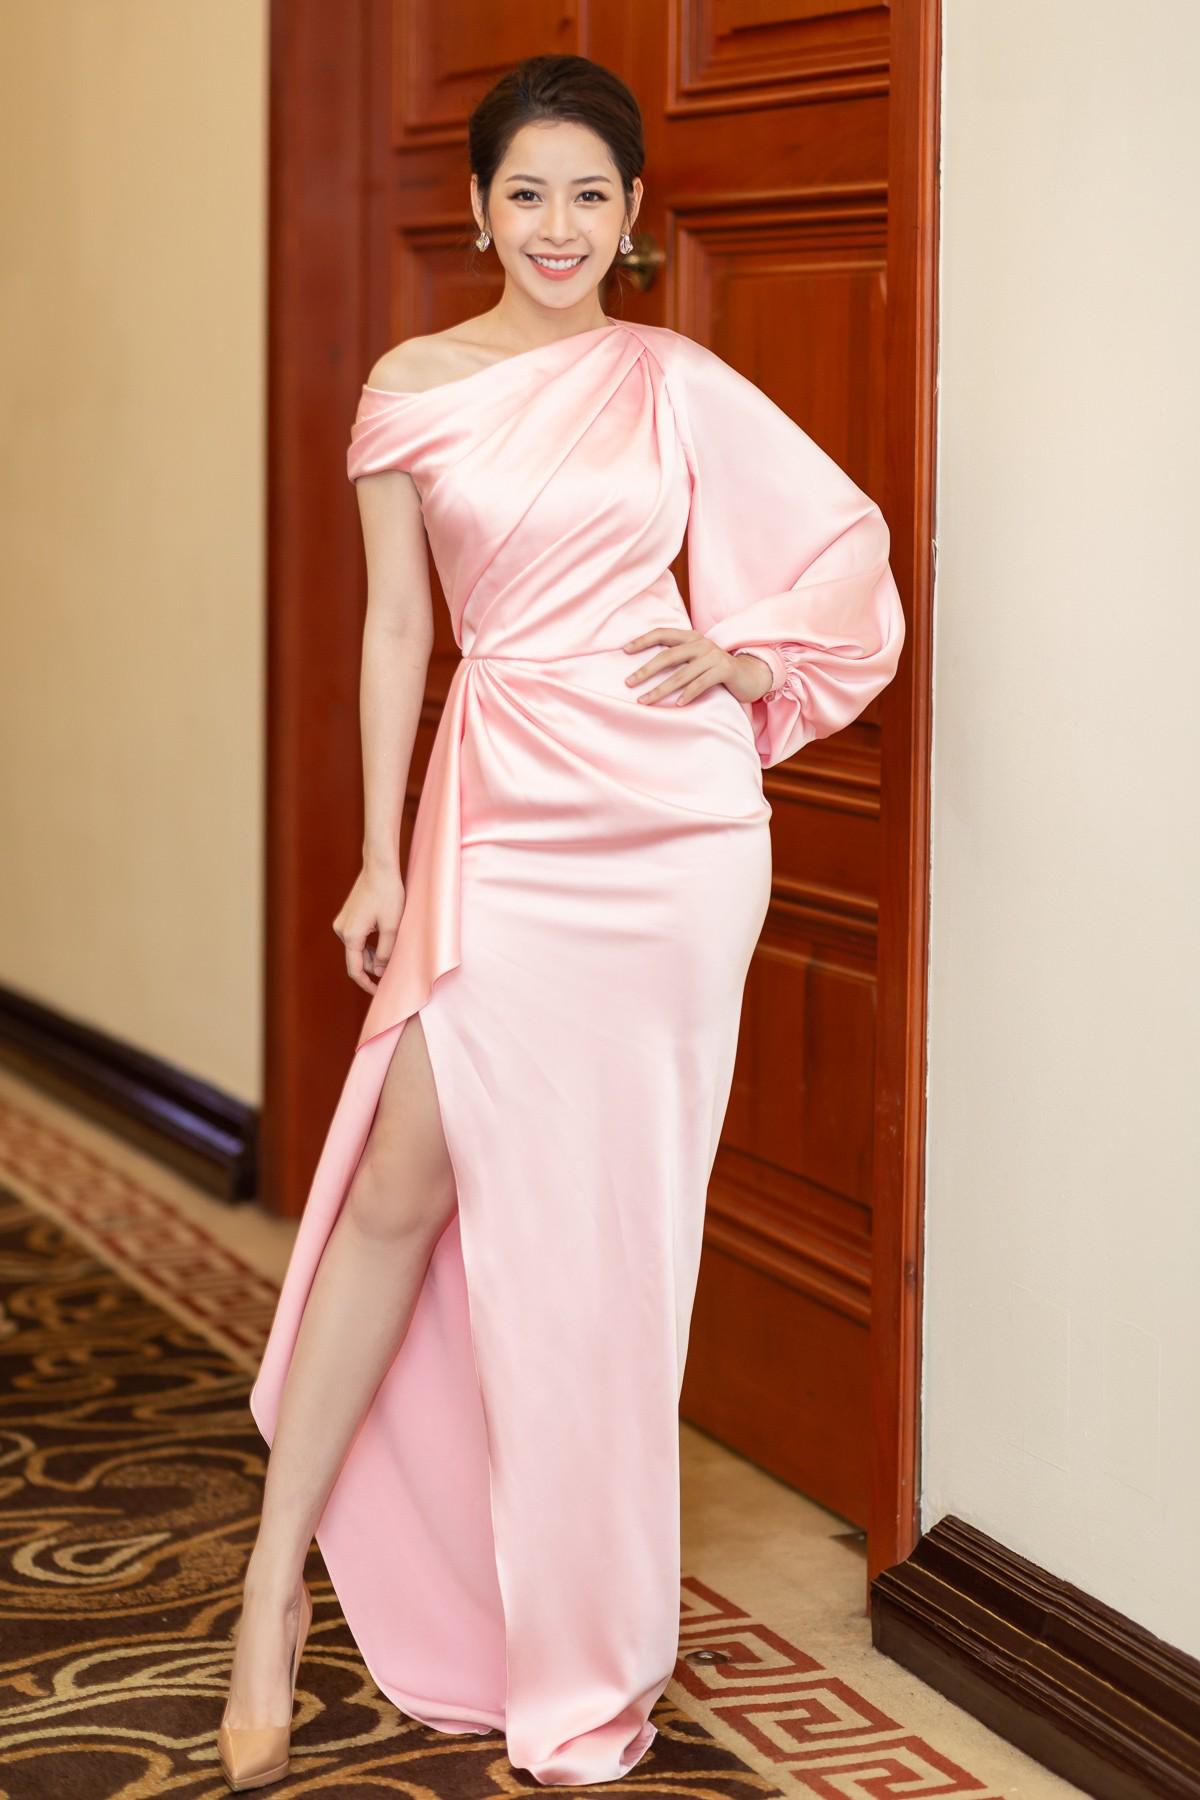 Chi Pu diện váy xẻ cao khoe chân thon cùng nhan sắc mong manh tại sự kiện - Ảnh 3.